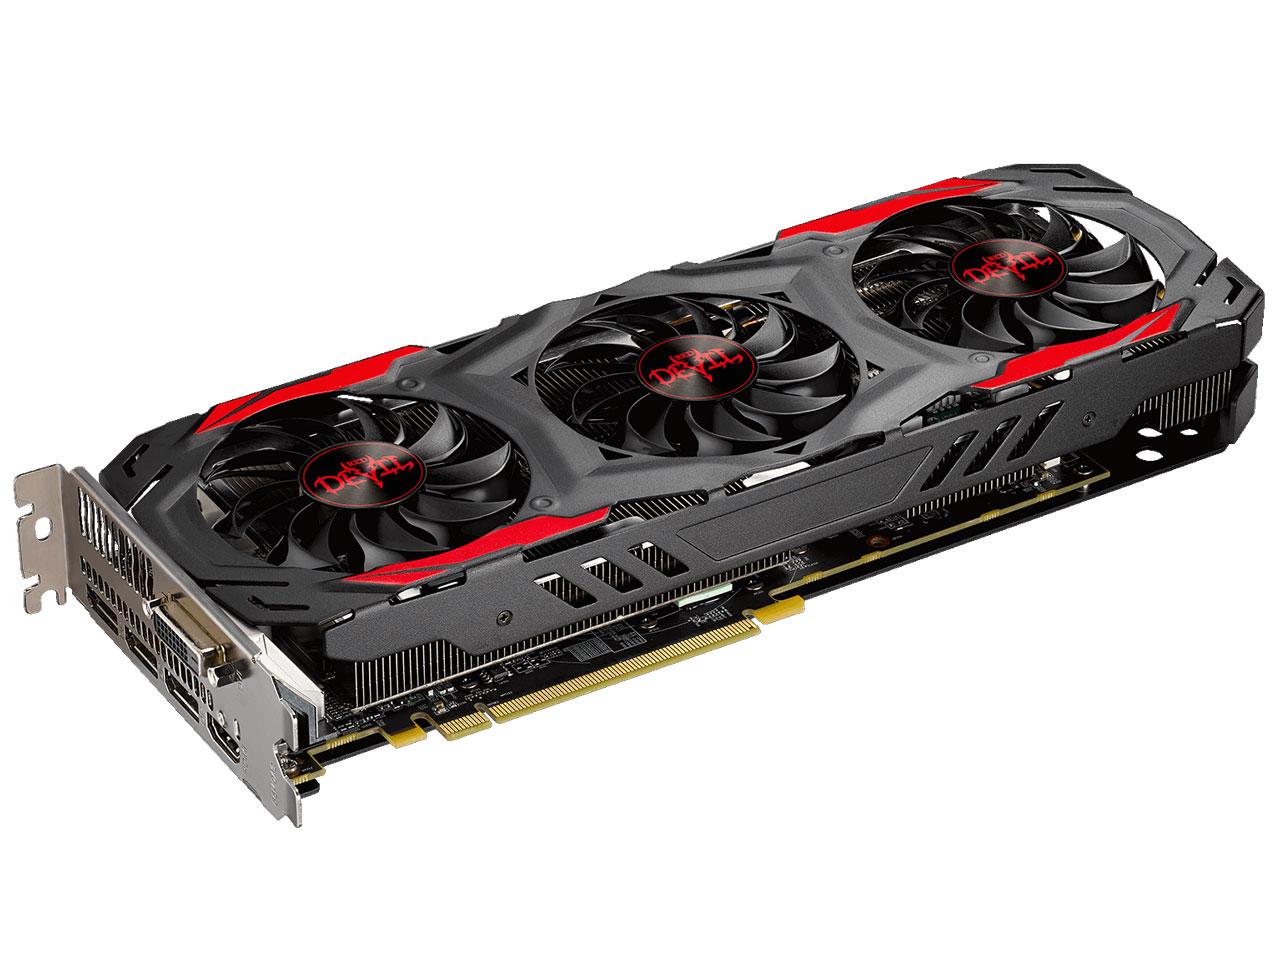 『本体2』 PowerColor Red Devil Radeon RX 570 4GB GDDR5 AXRX 570 4GBD5-3DH/OC [PCIExp 4GB] の製品画像